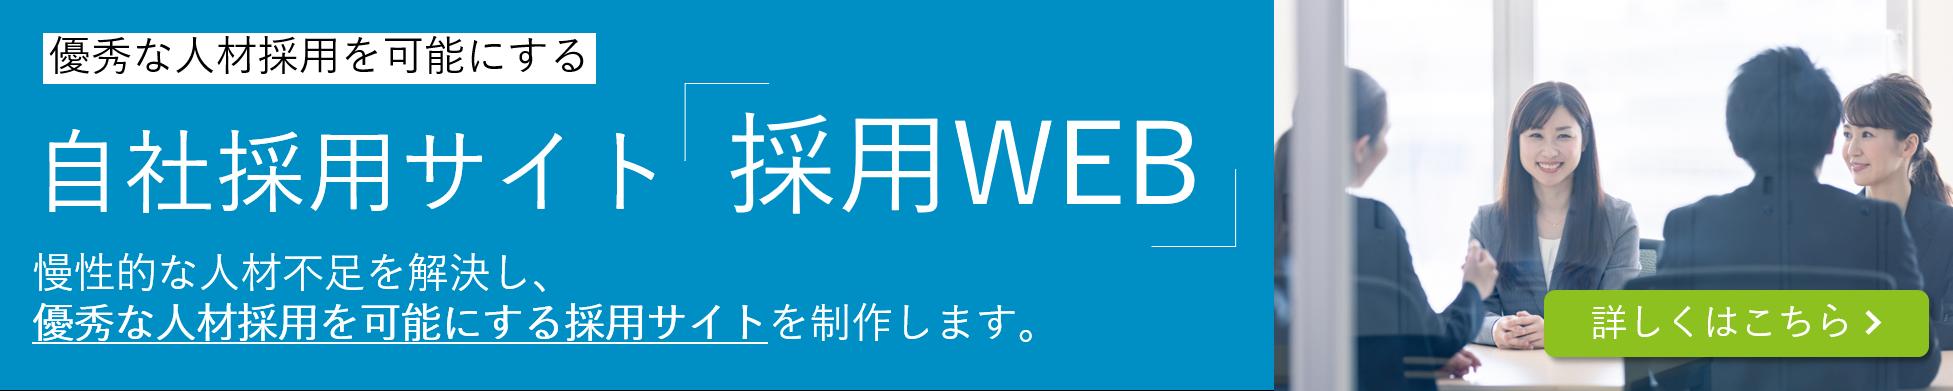 自社採用サイト「採用WEB」